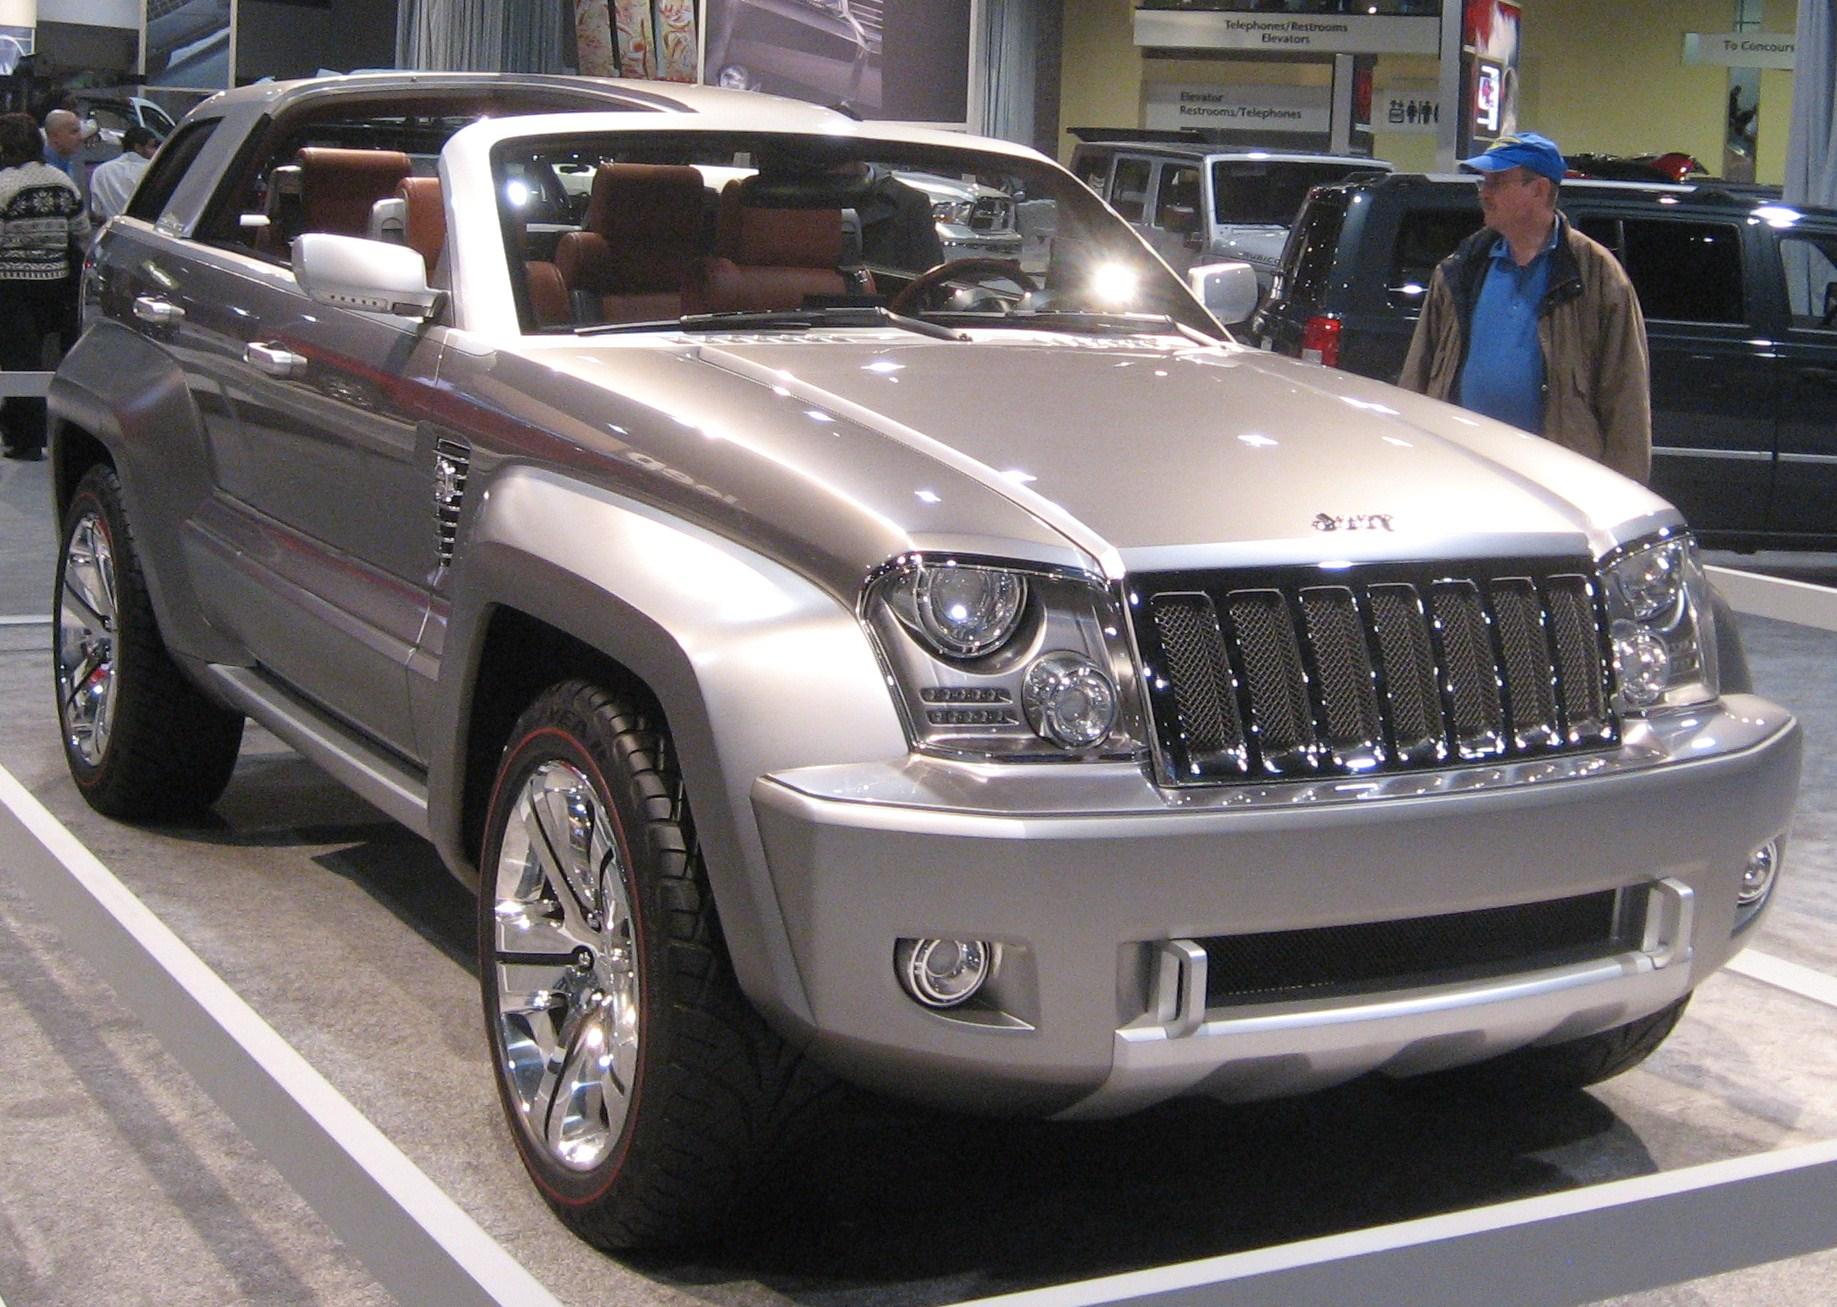 Description Jeep Trailhawk concept DC.JPG